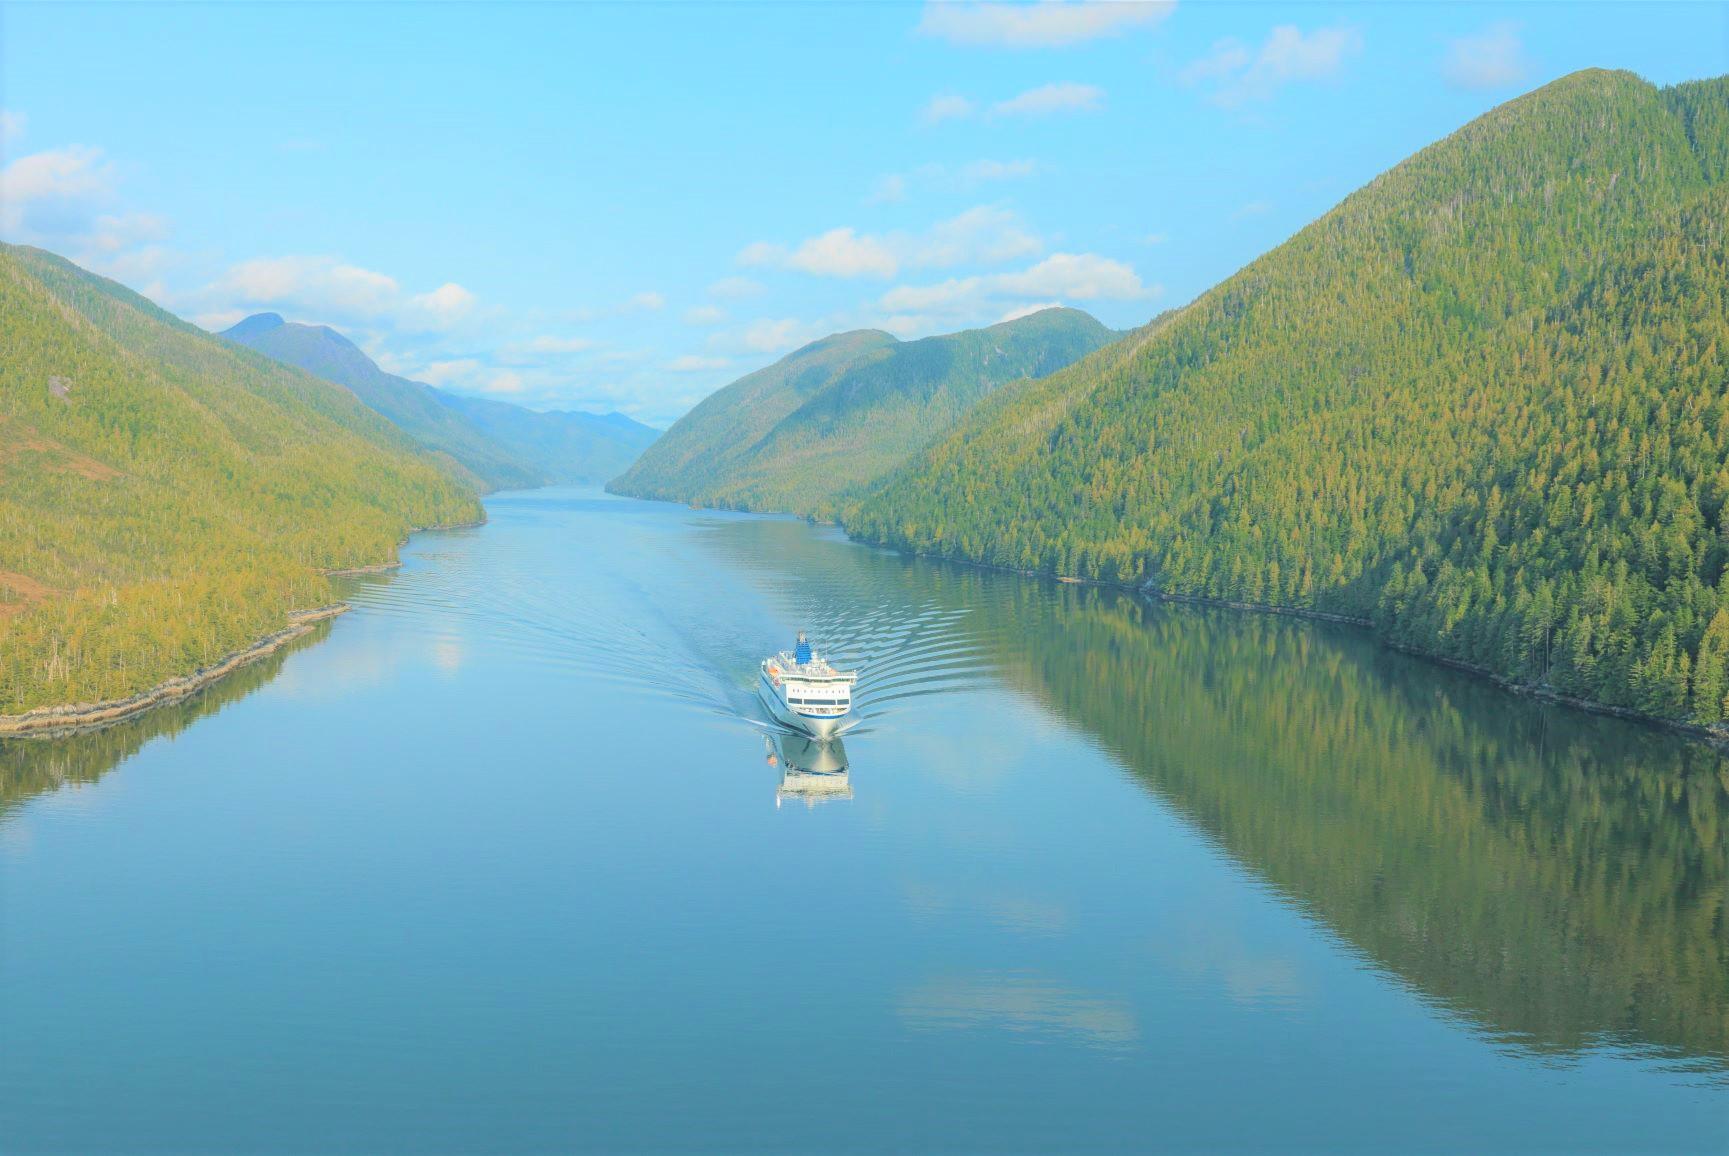 ハイダ・グワイからバンクーバー島までインサイド・パッセージの船旅を楽しむ